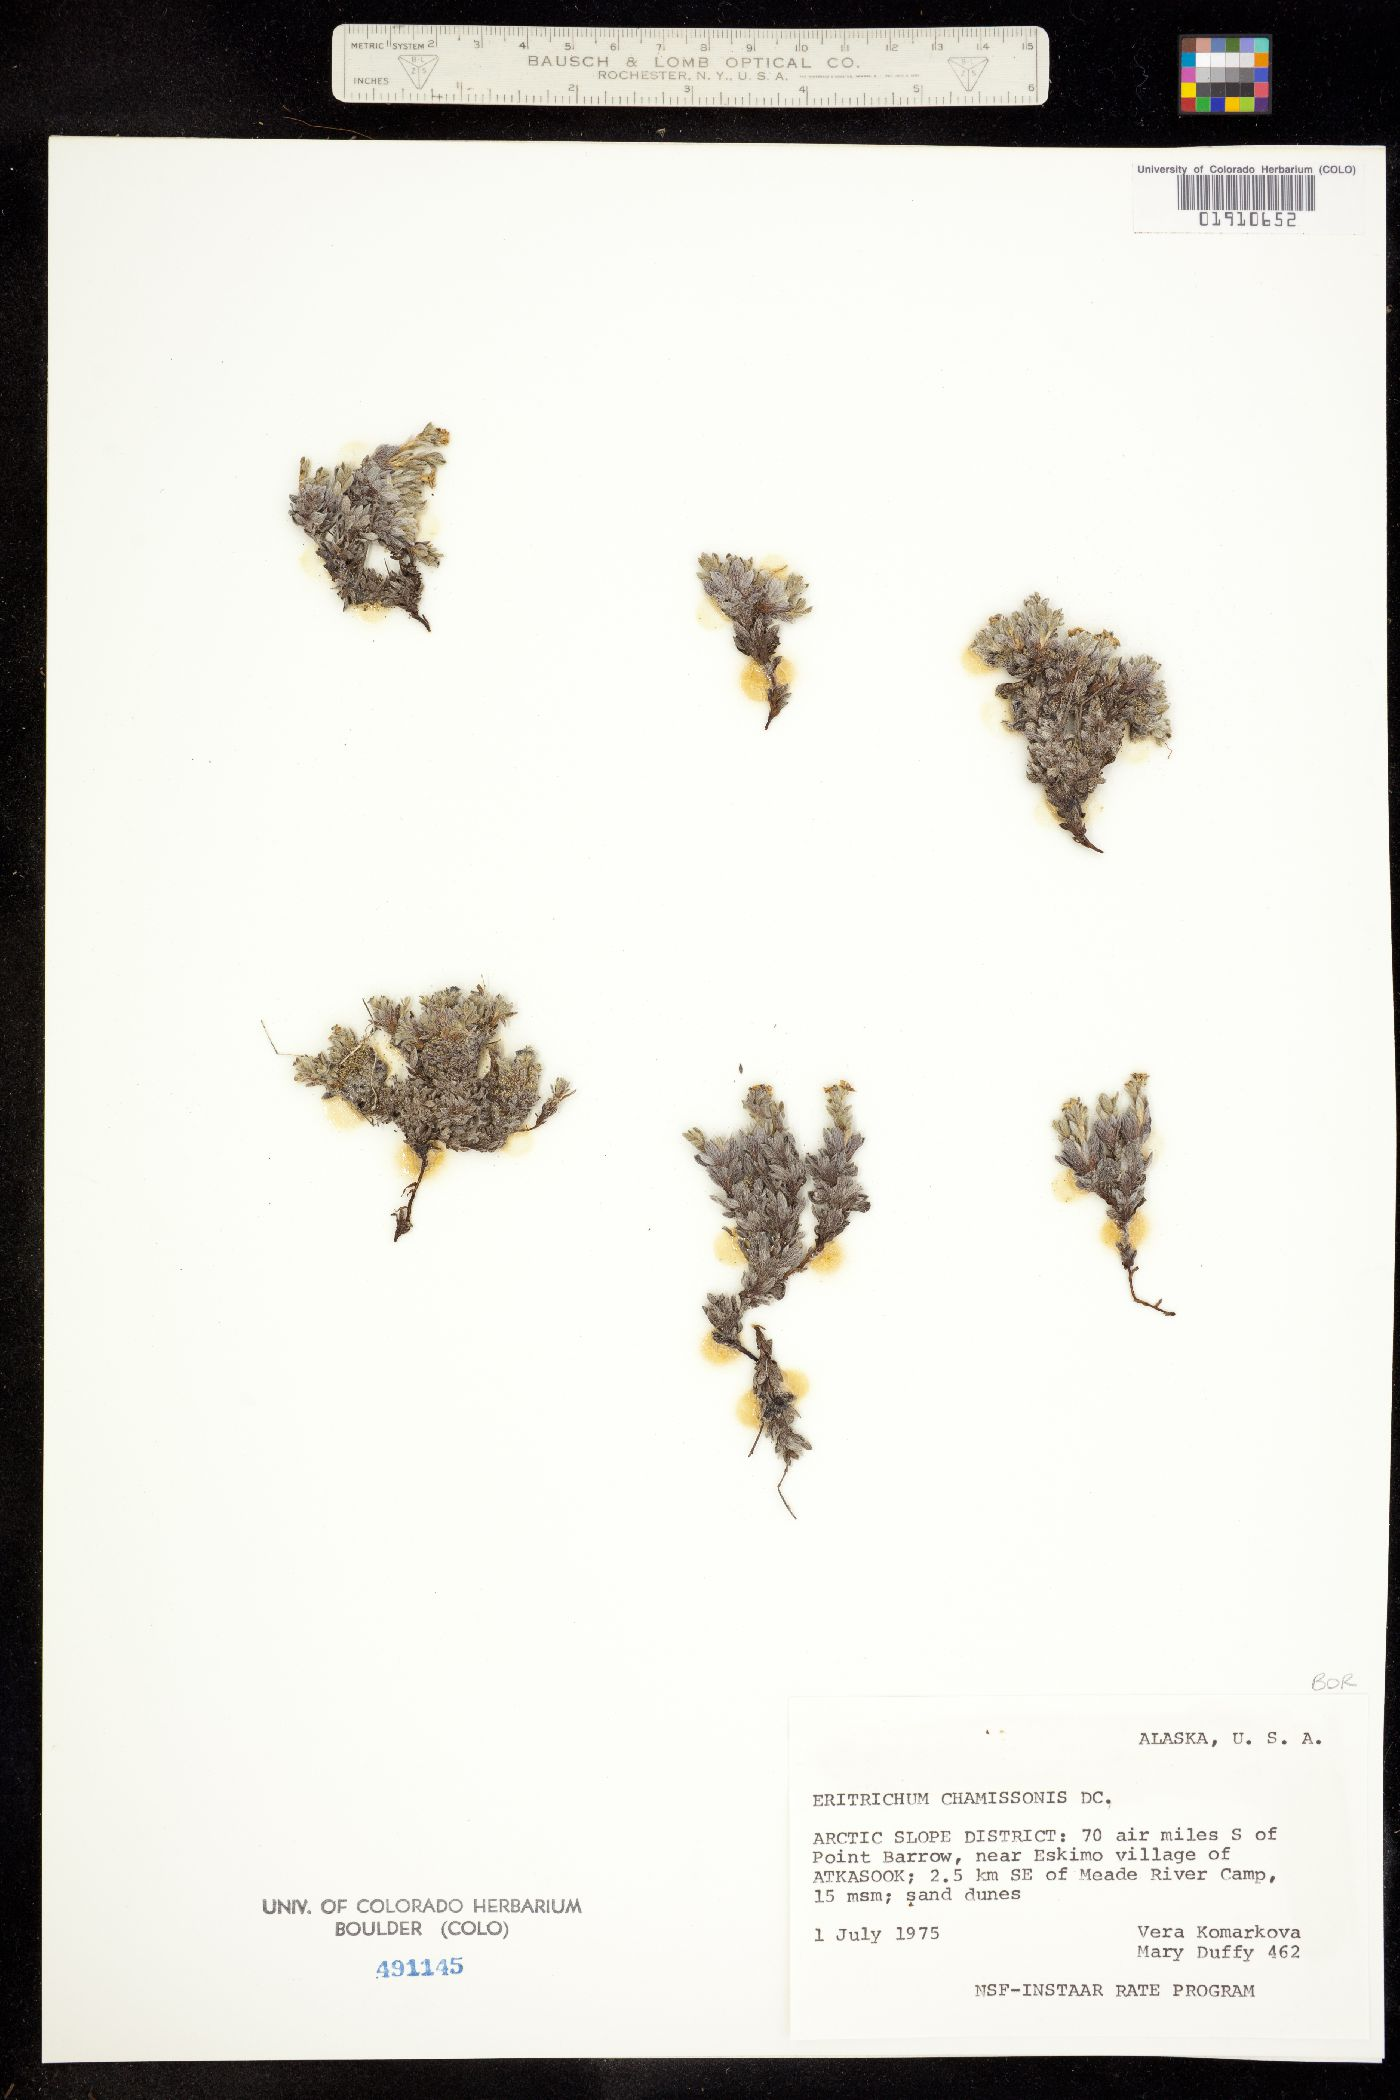 Eritrichium chamissonis image